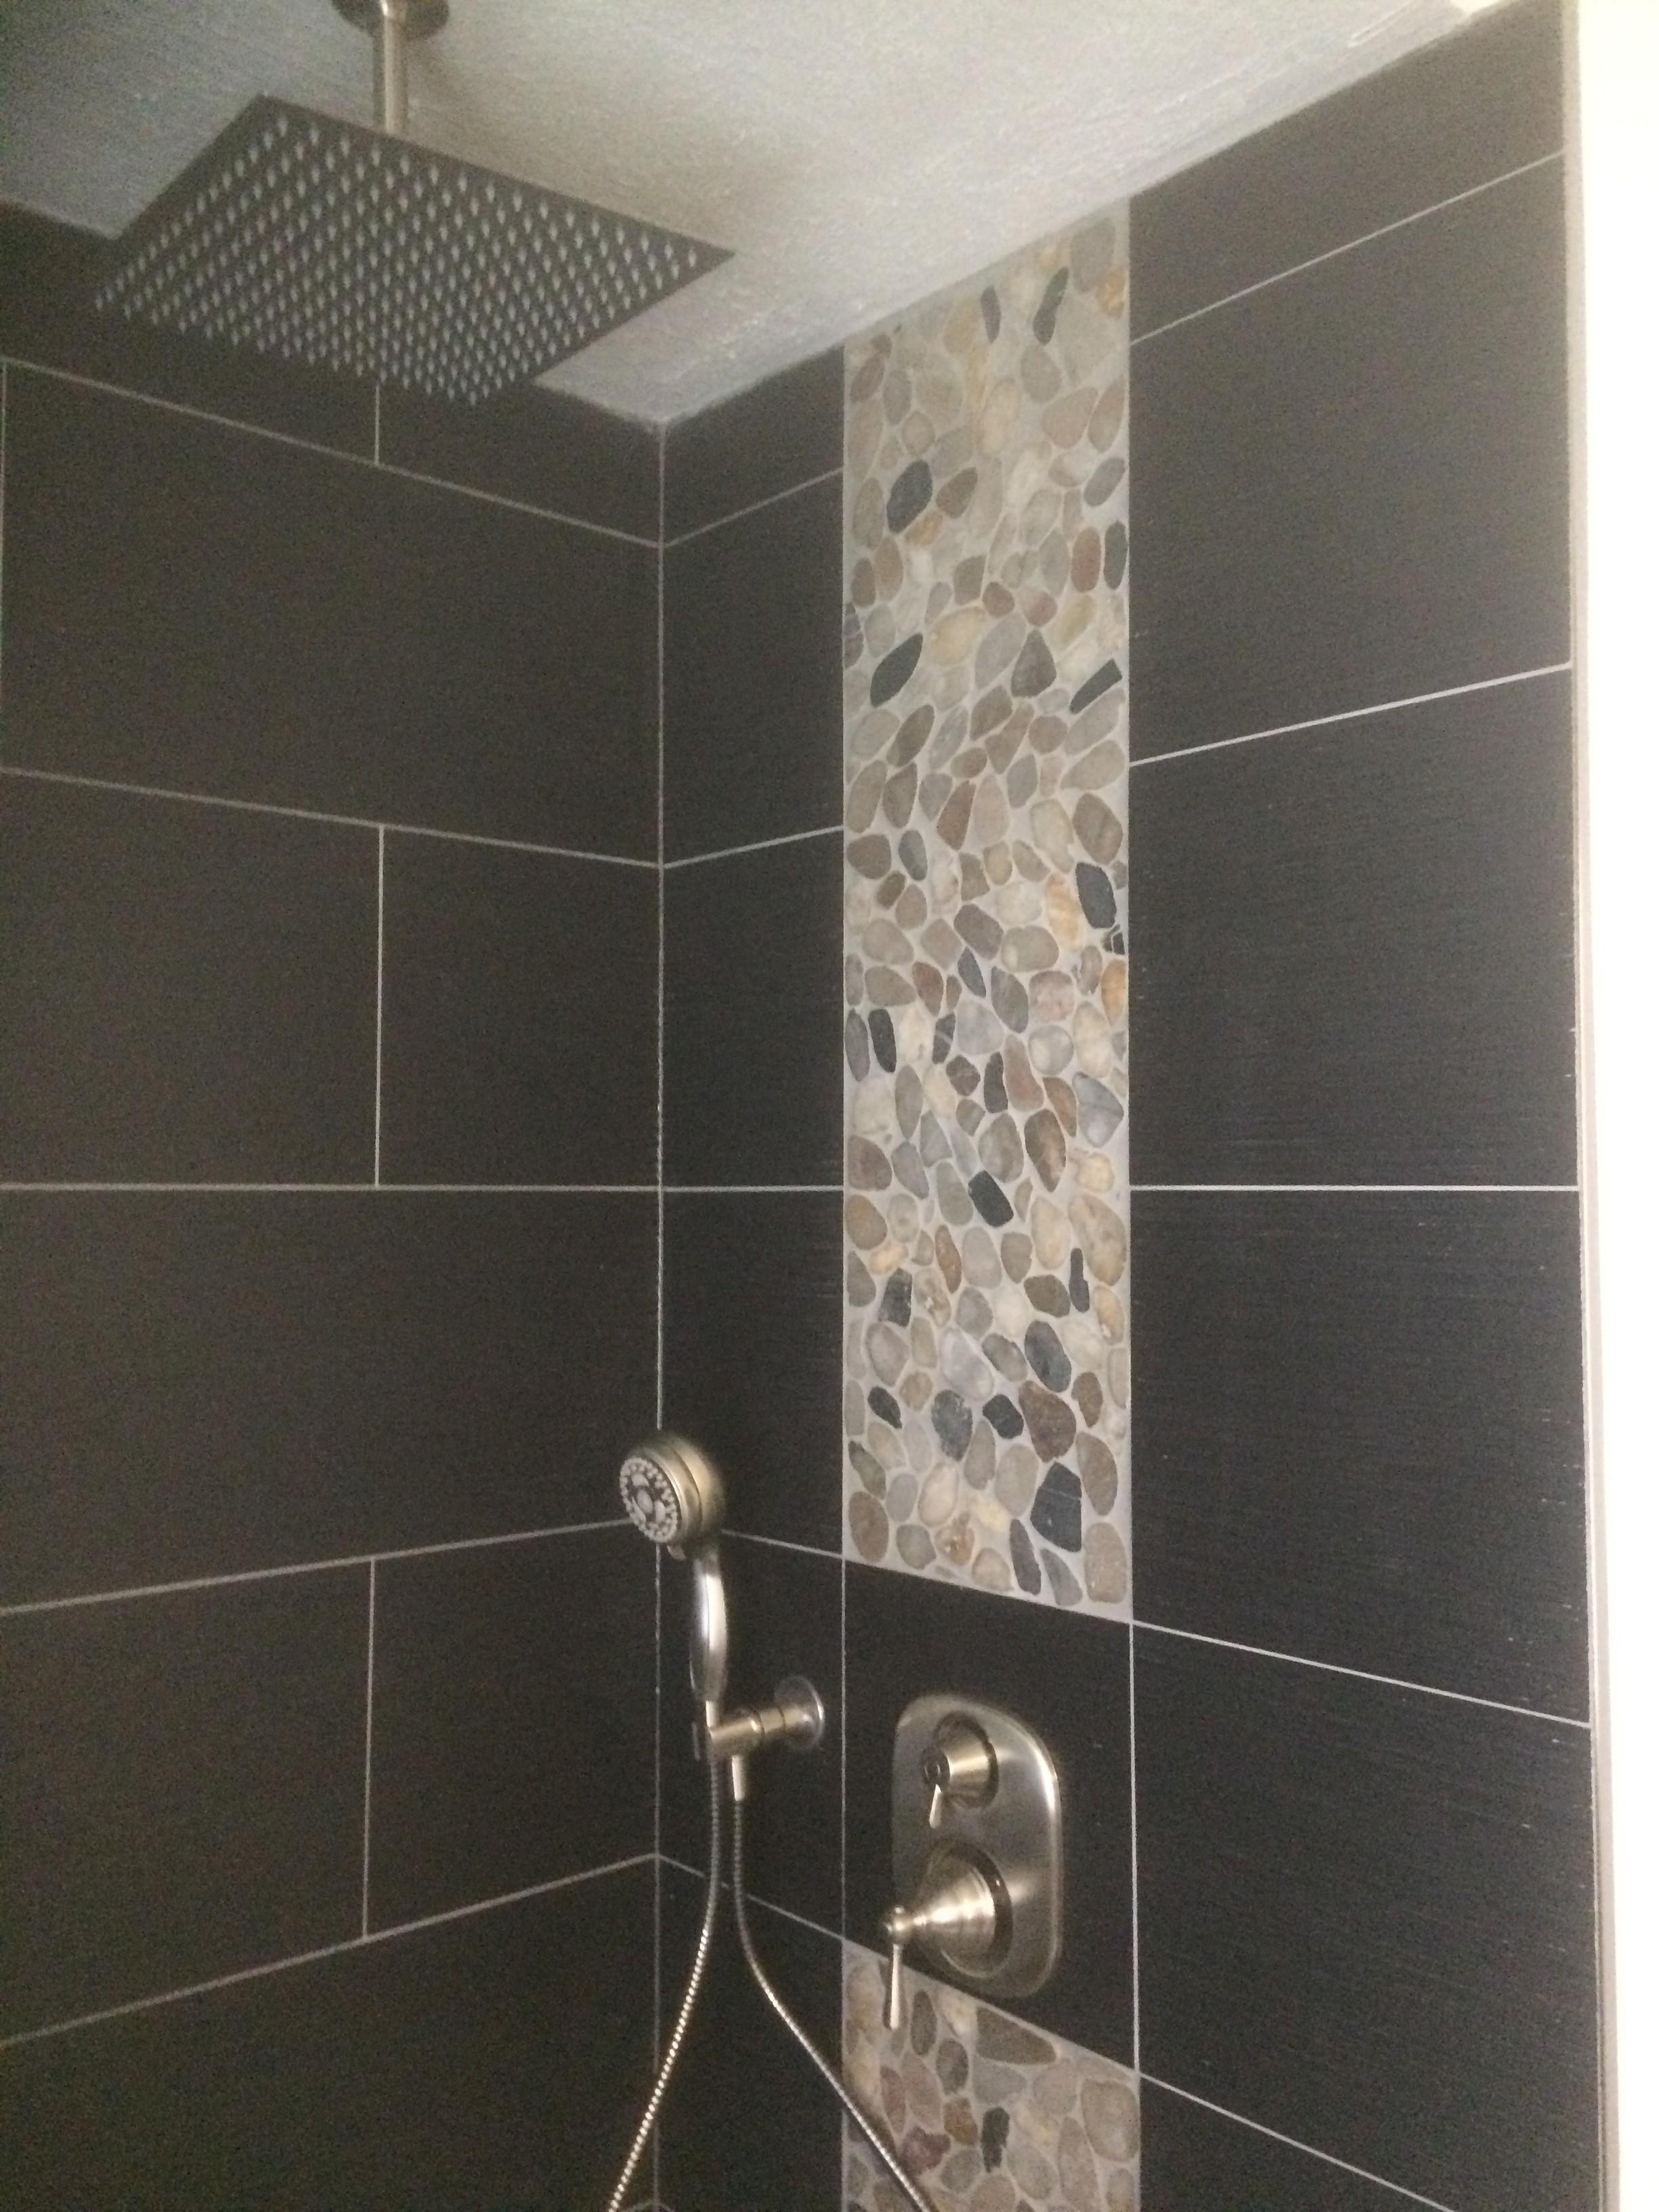 Bathroom  Kitchen RemodelingRenovation Pittsburgh Contractor - Bathroom remodeling pittsburgh